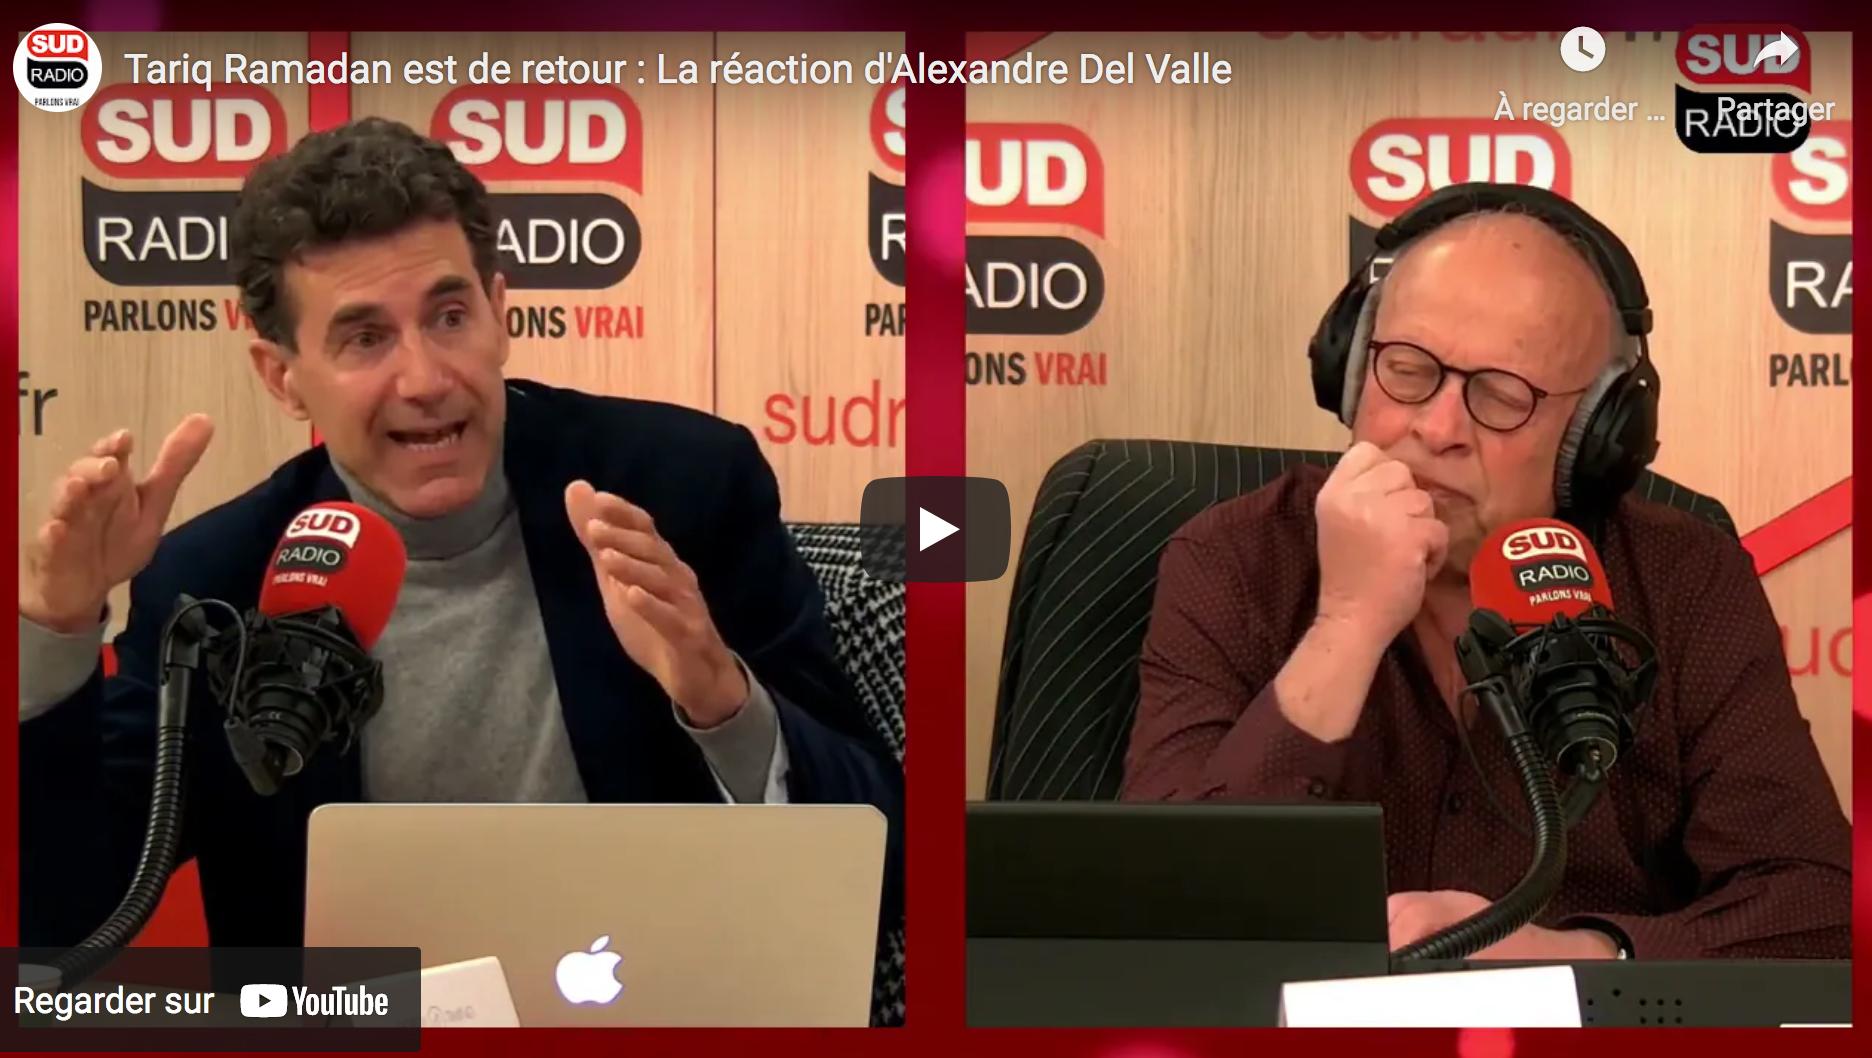 Tariq Ramadan est de retour pour s'en prendre à l'Occident : La réaction d'Alexandre Del Valle (AUDIO)